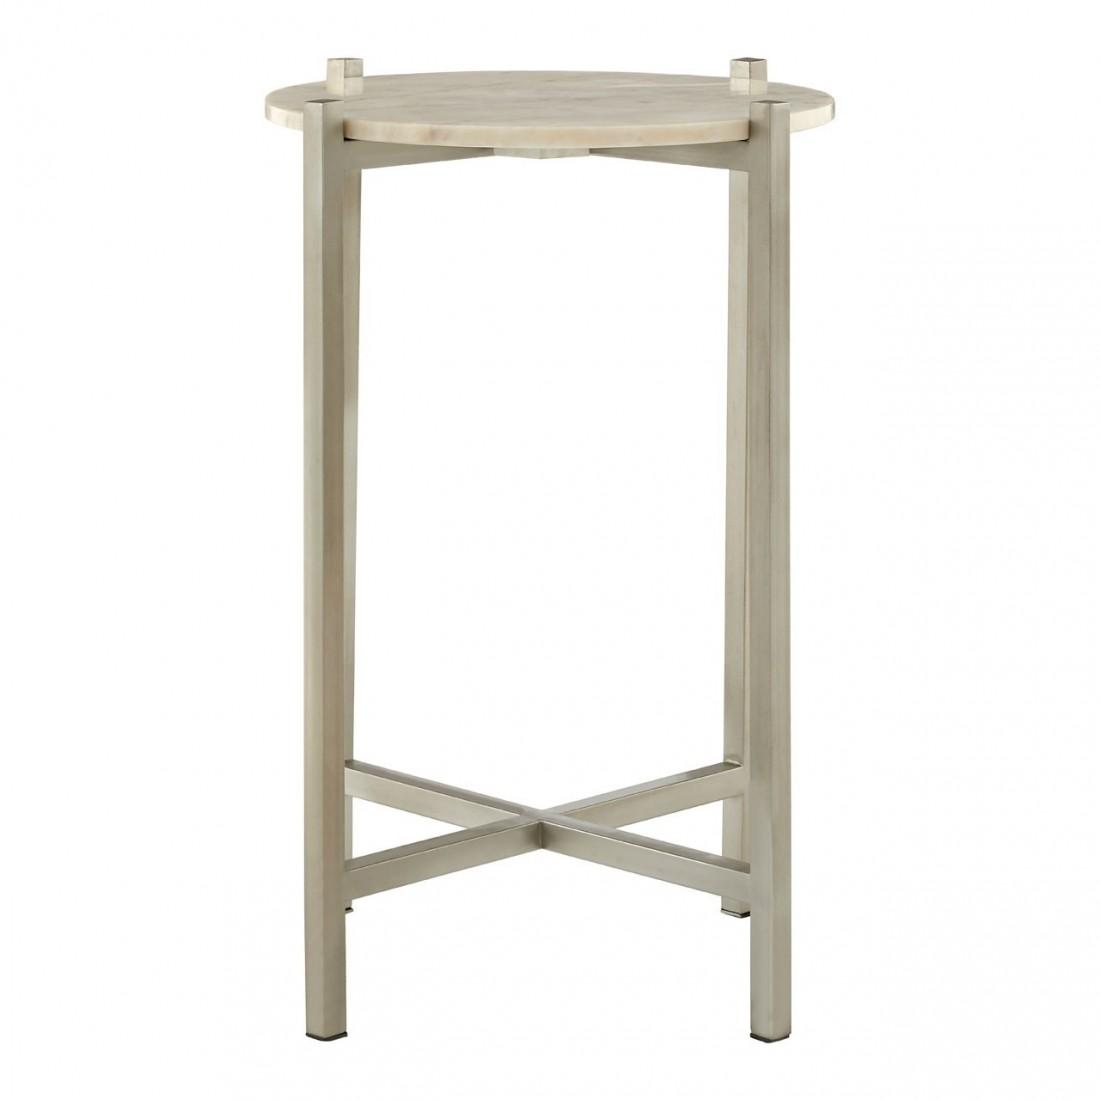 Kensington - Templar White MarbleLattice odkládací stůl